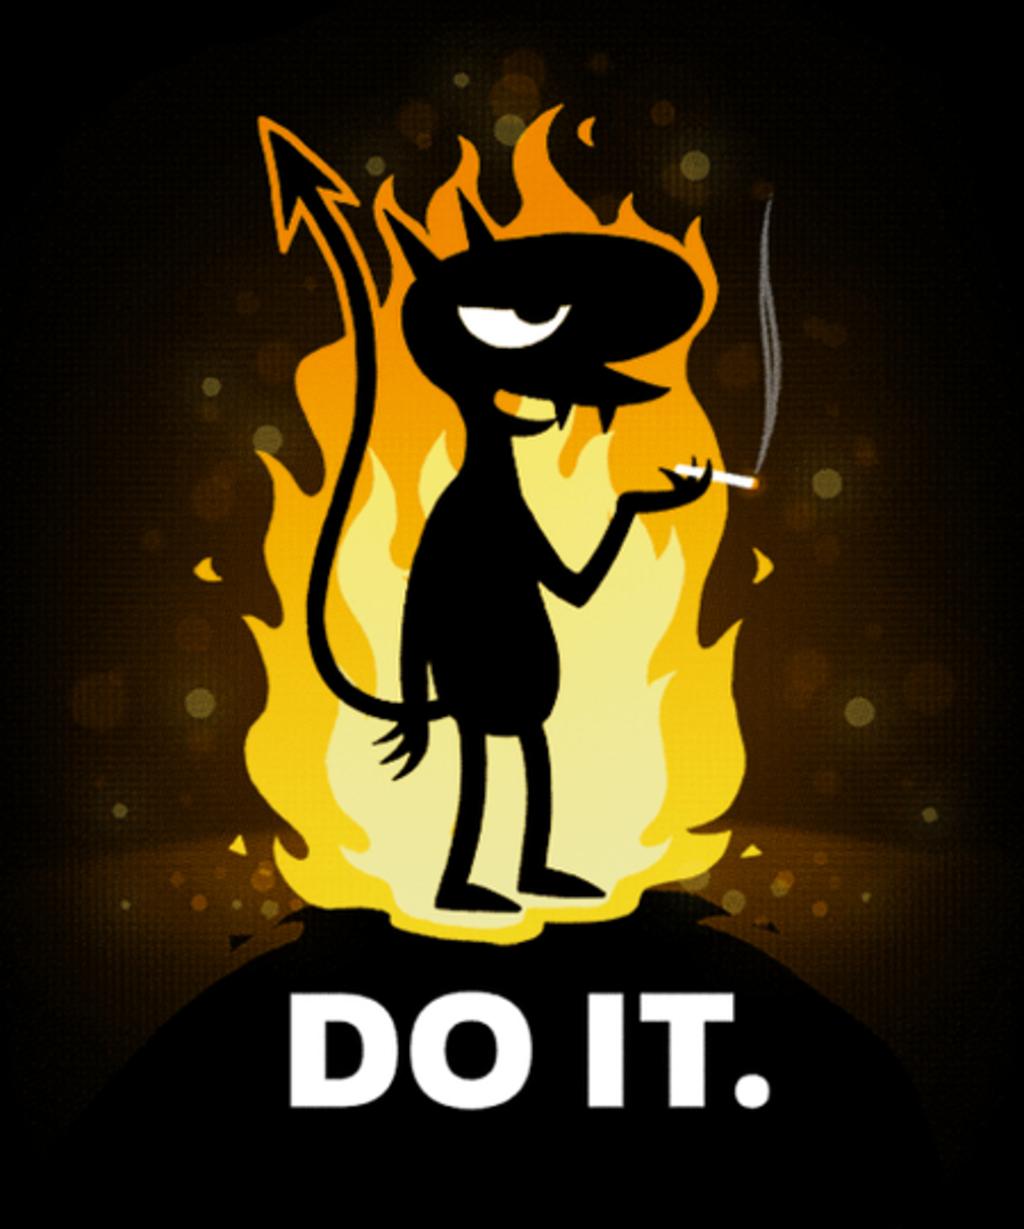 Qwertee: Do it.